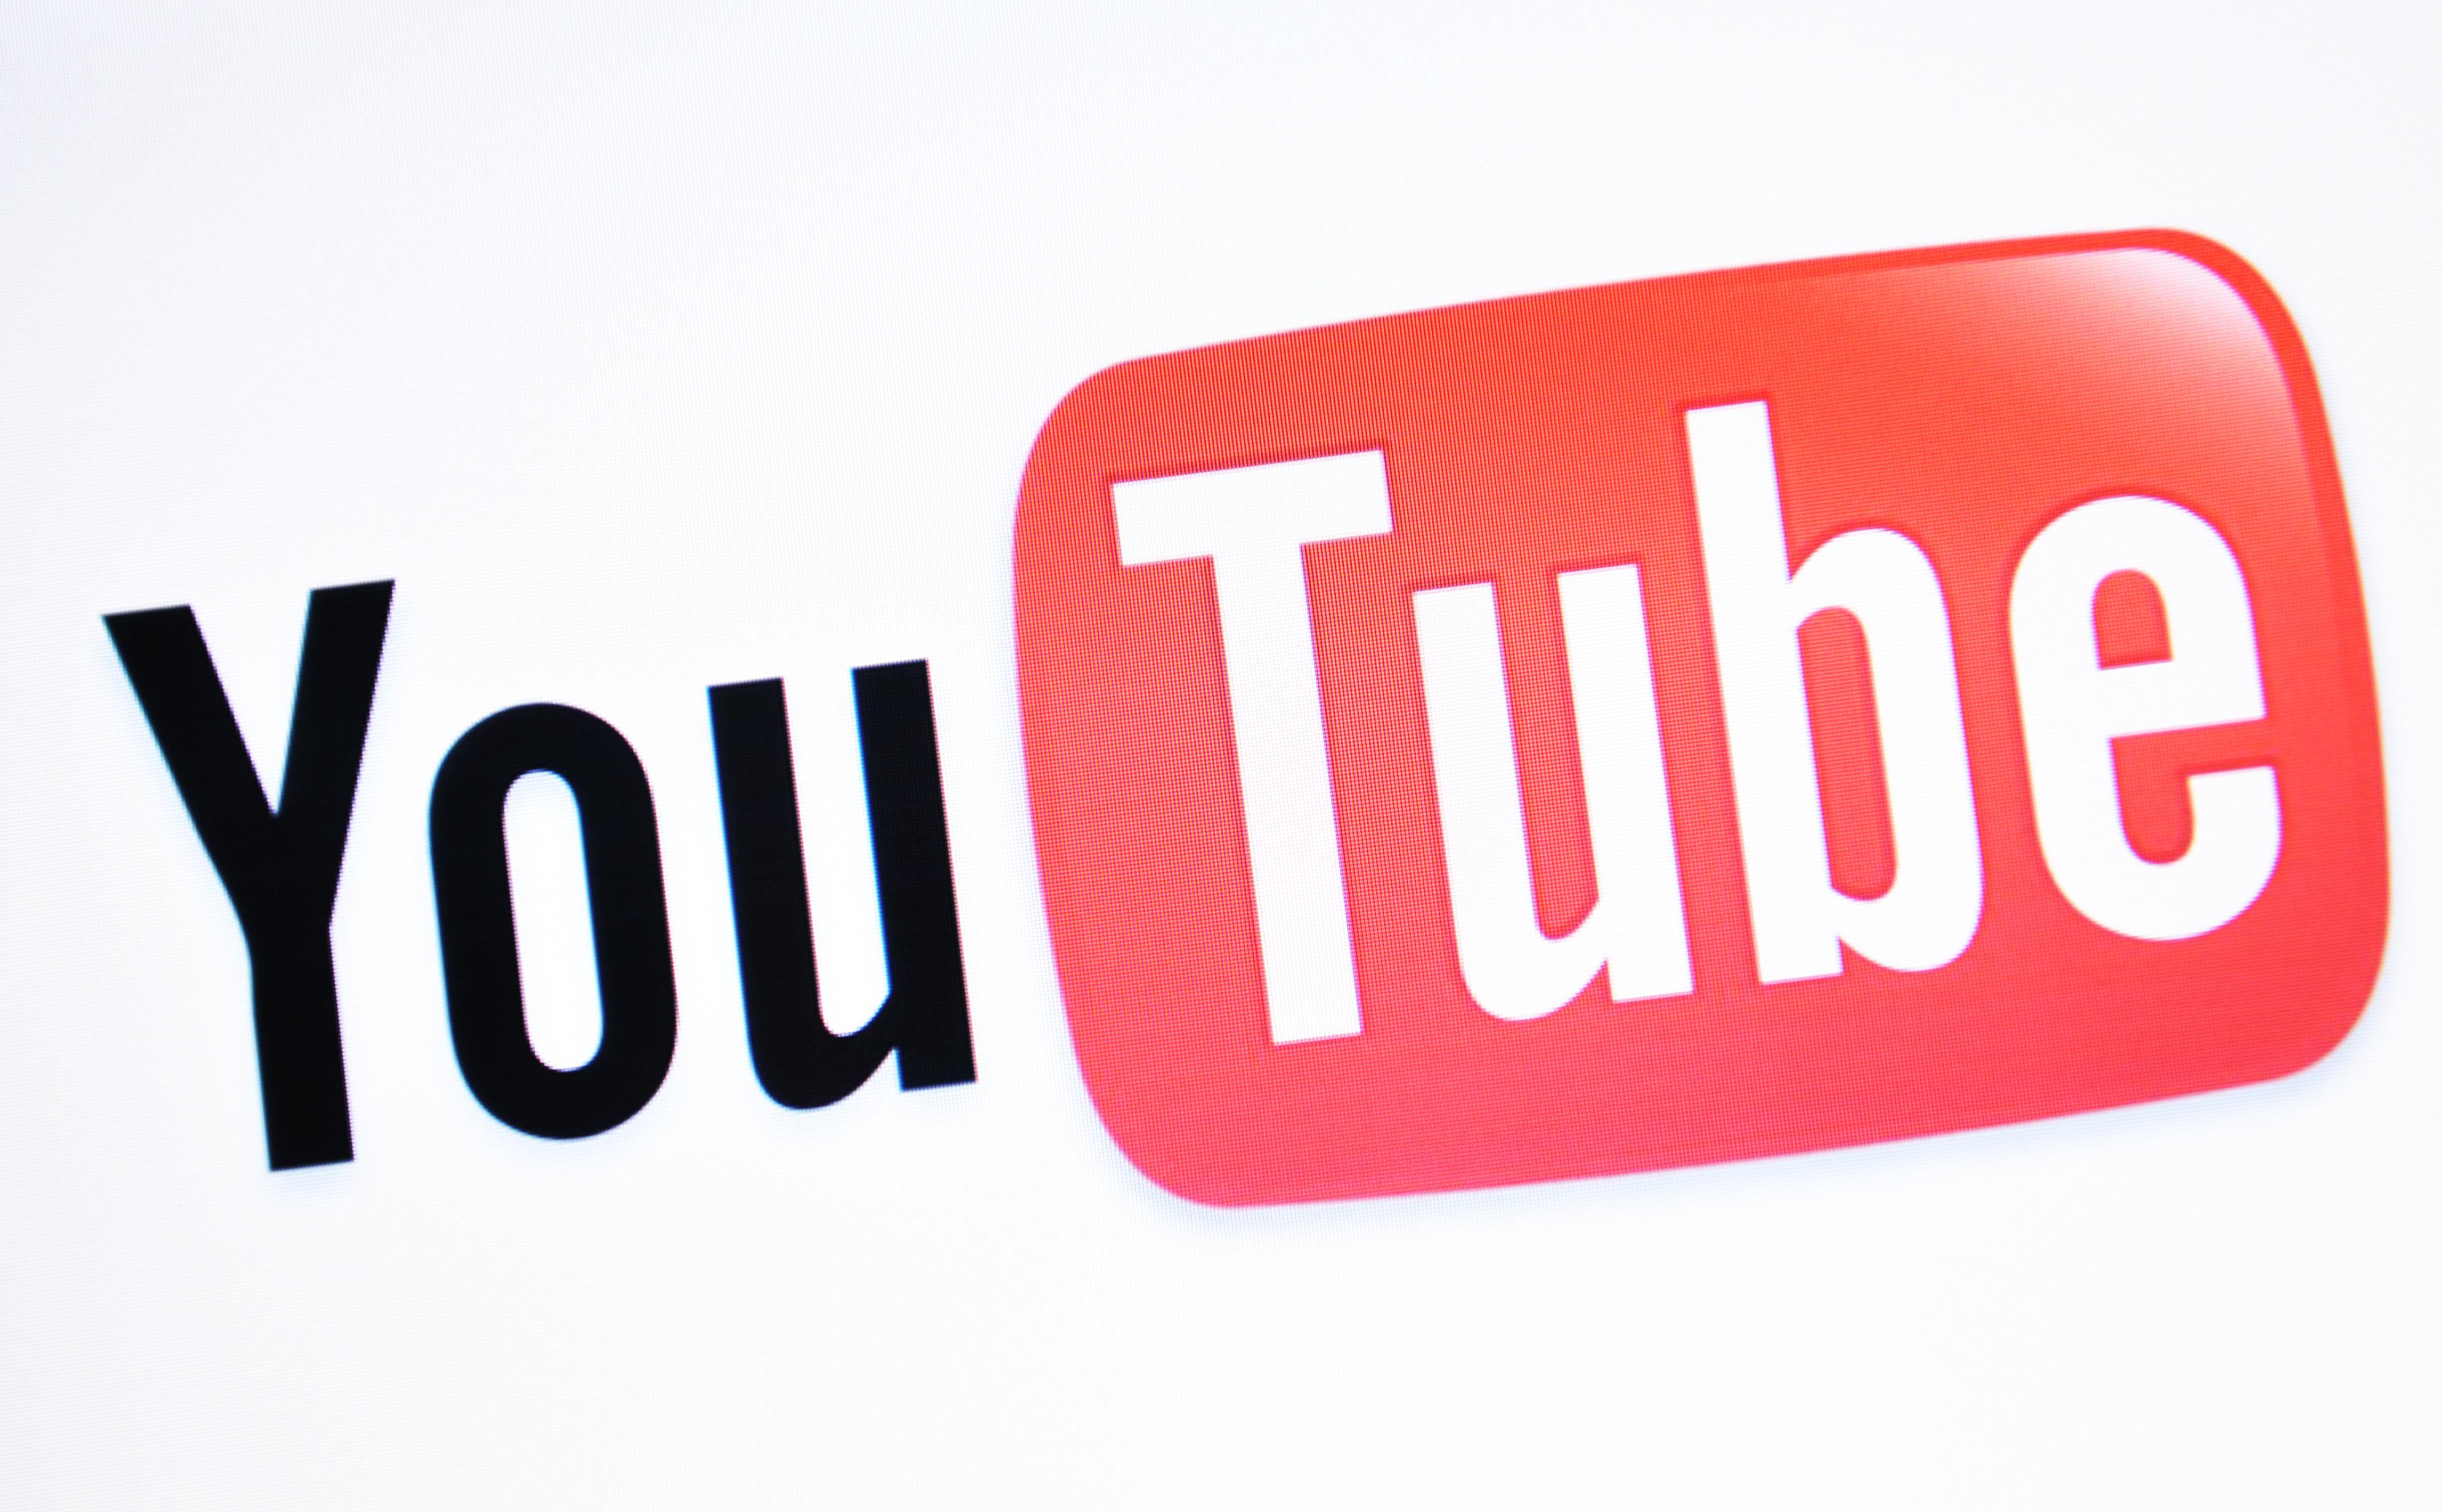 فرهاد مقدم سلیمی  جوابیه مدیریت فرهاد اکسچنج در یوتیوب به اتهامات محمد جرجندی